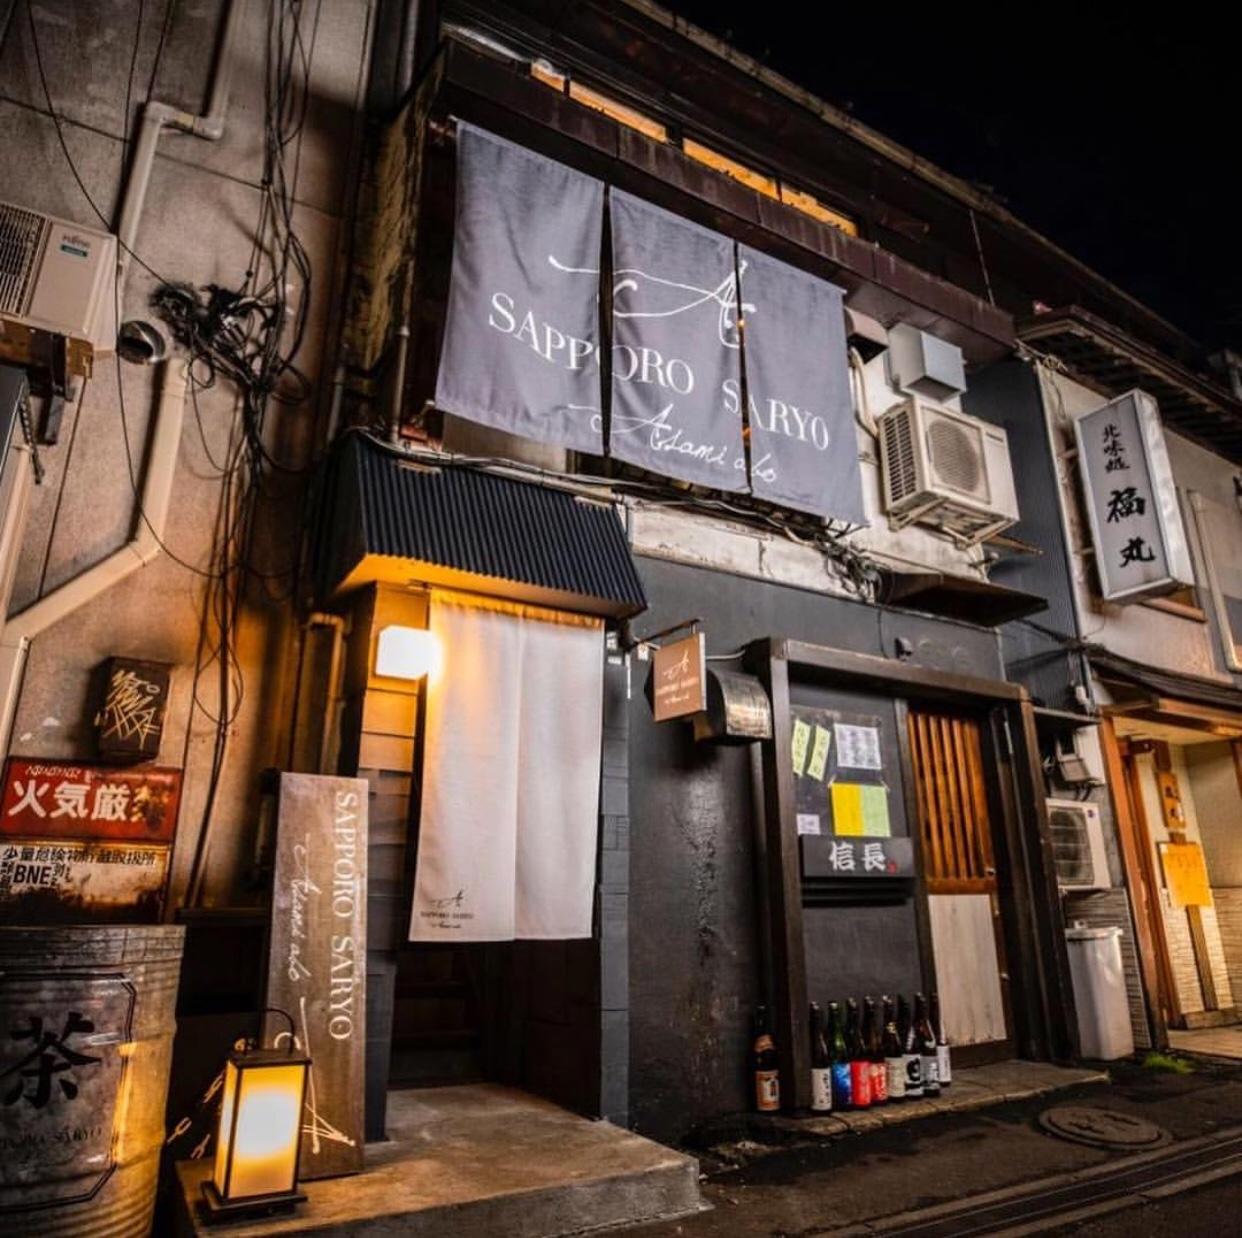 モンブラン専門店 SAPPORO SARYO Asami aboの外観